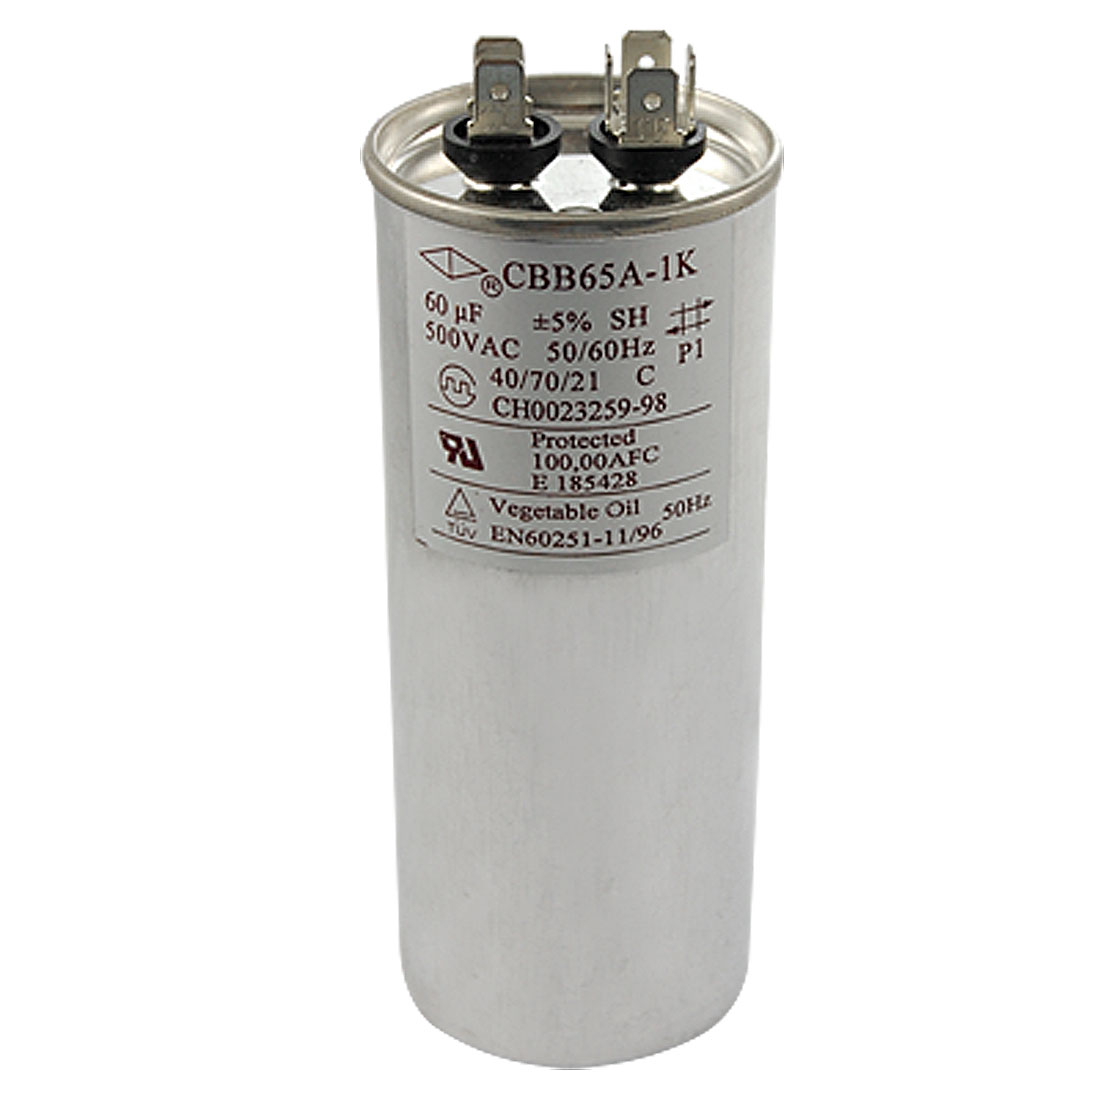 50/60Hz 500V 60uf Round Motor Capacitor CBB65A-1K